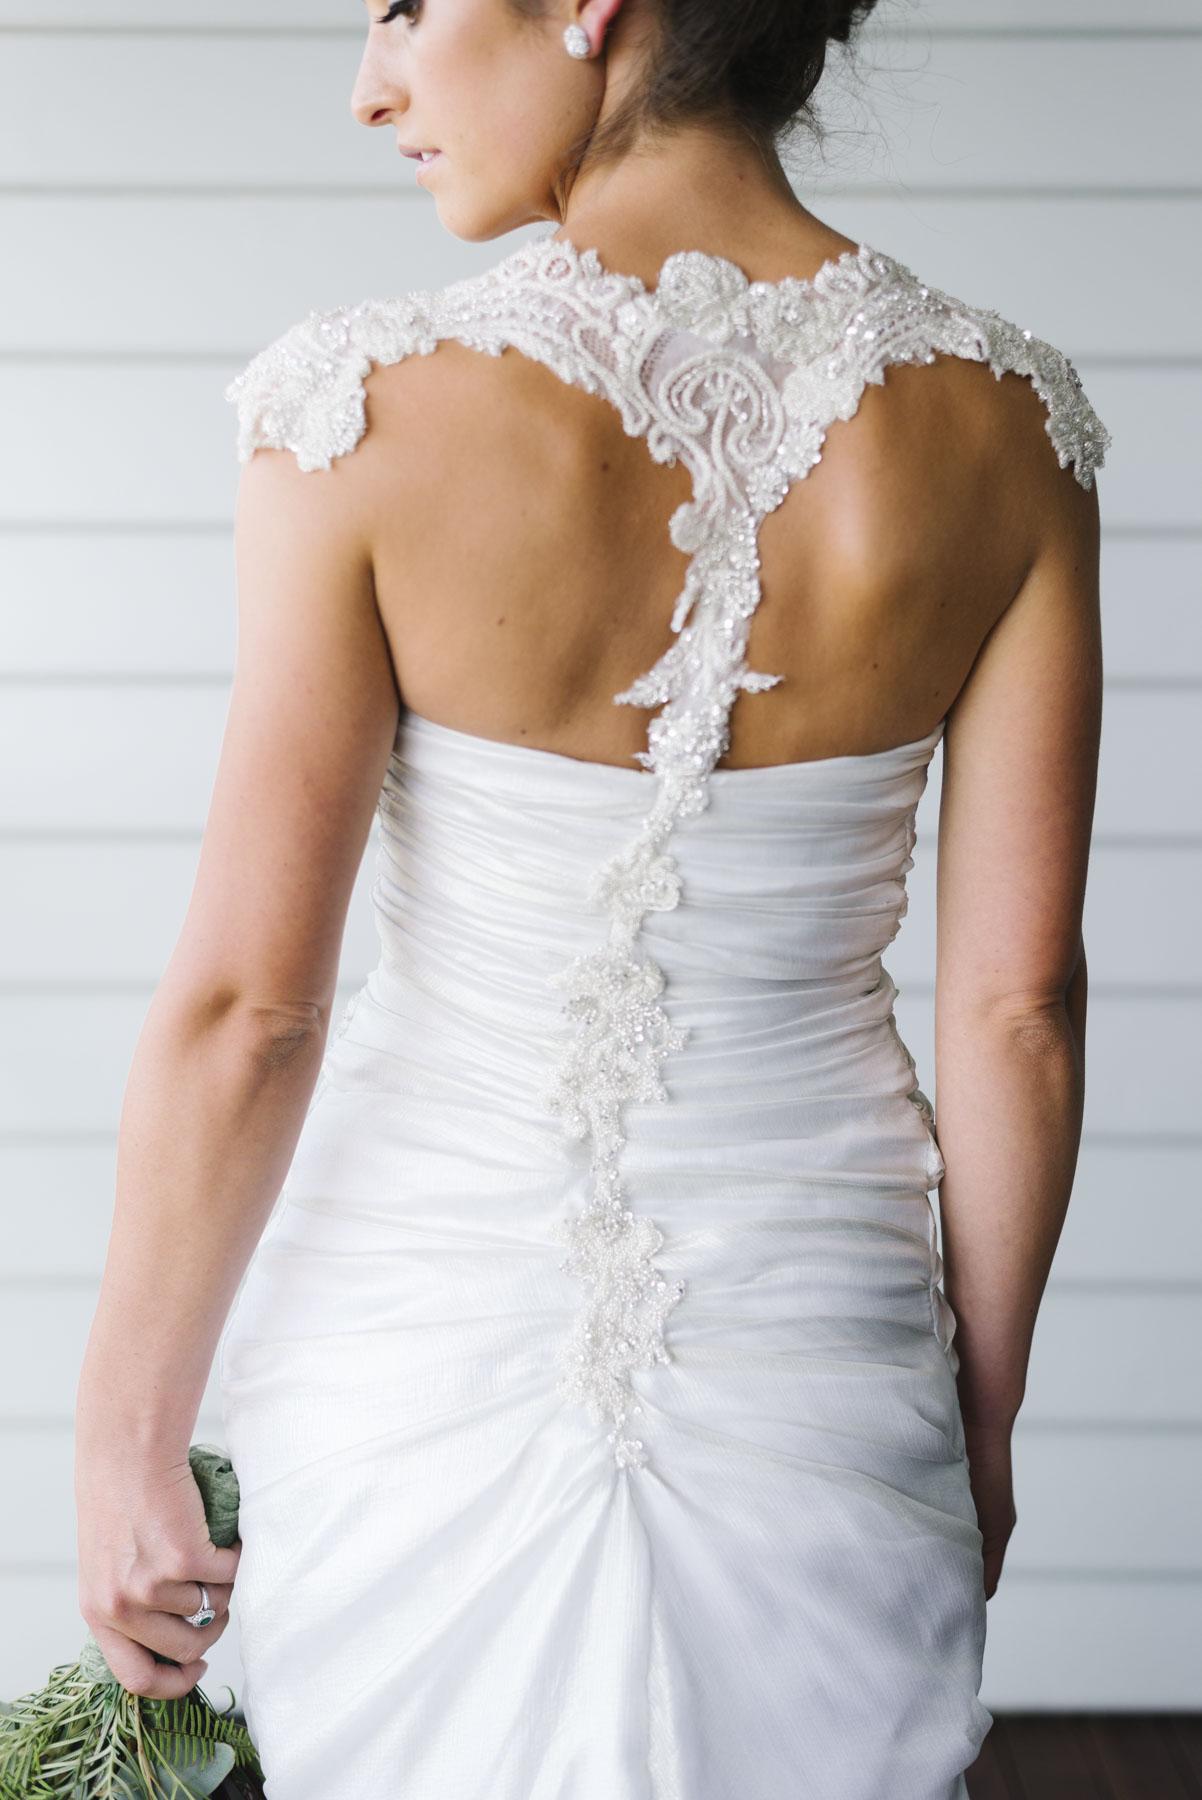 1501curchill-137alan_moyle_wedding_portrait_brighton_bayside_bay_of_fires_rustic_styled_rustic_beach_candid_documentry_binalongbay_tasmania_destination.jpg